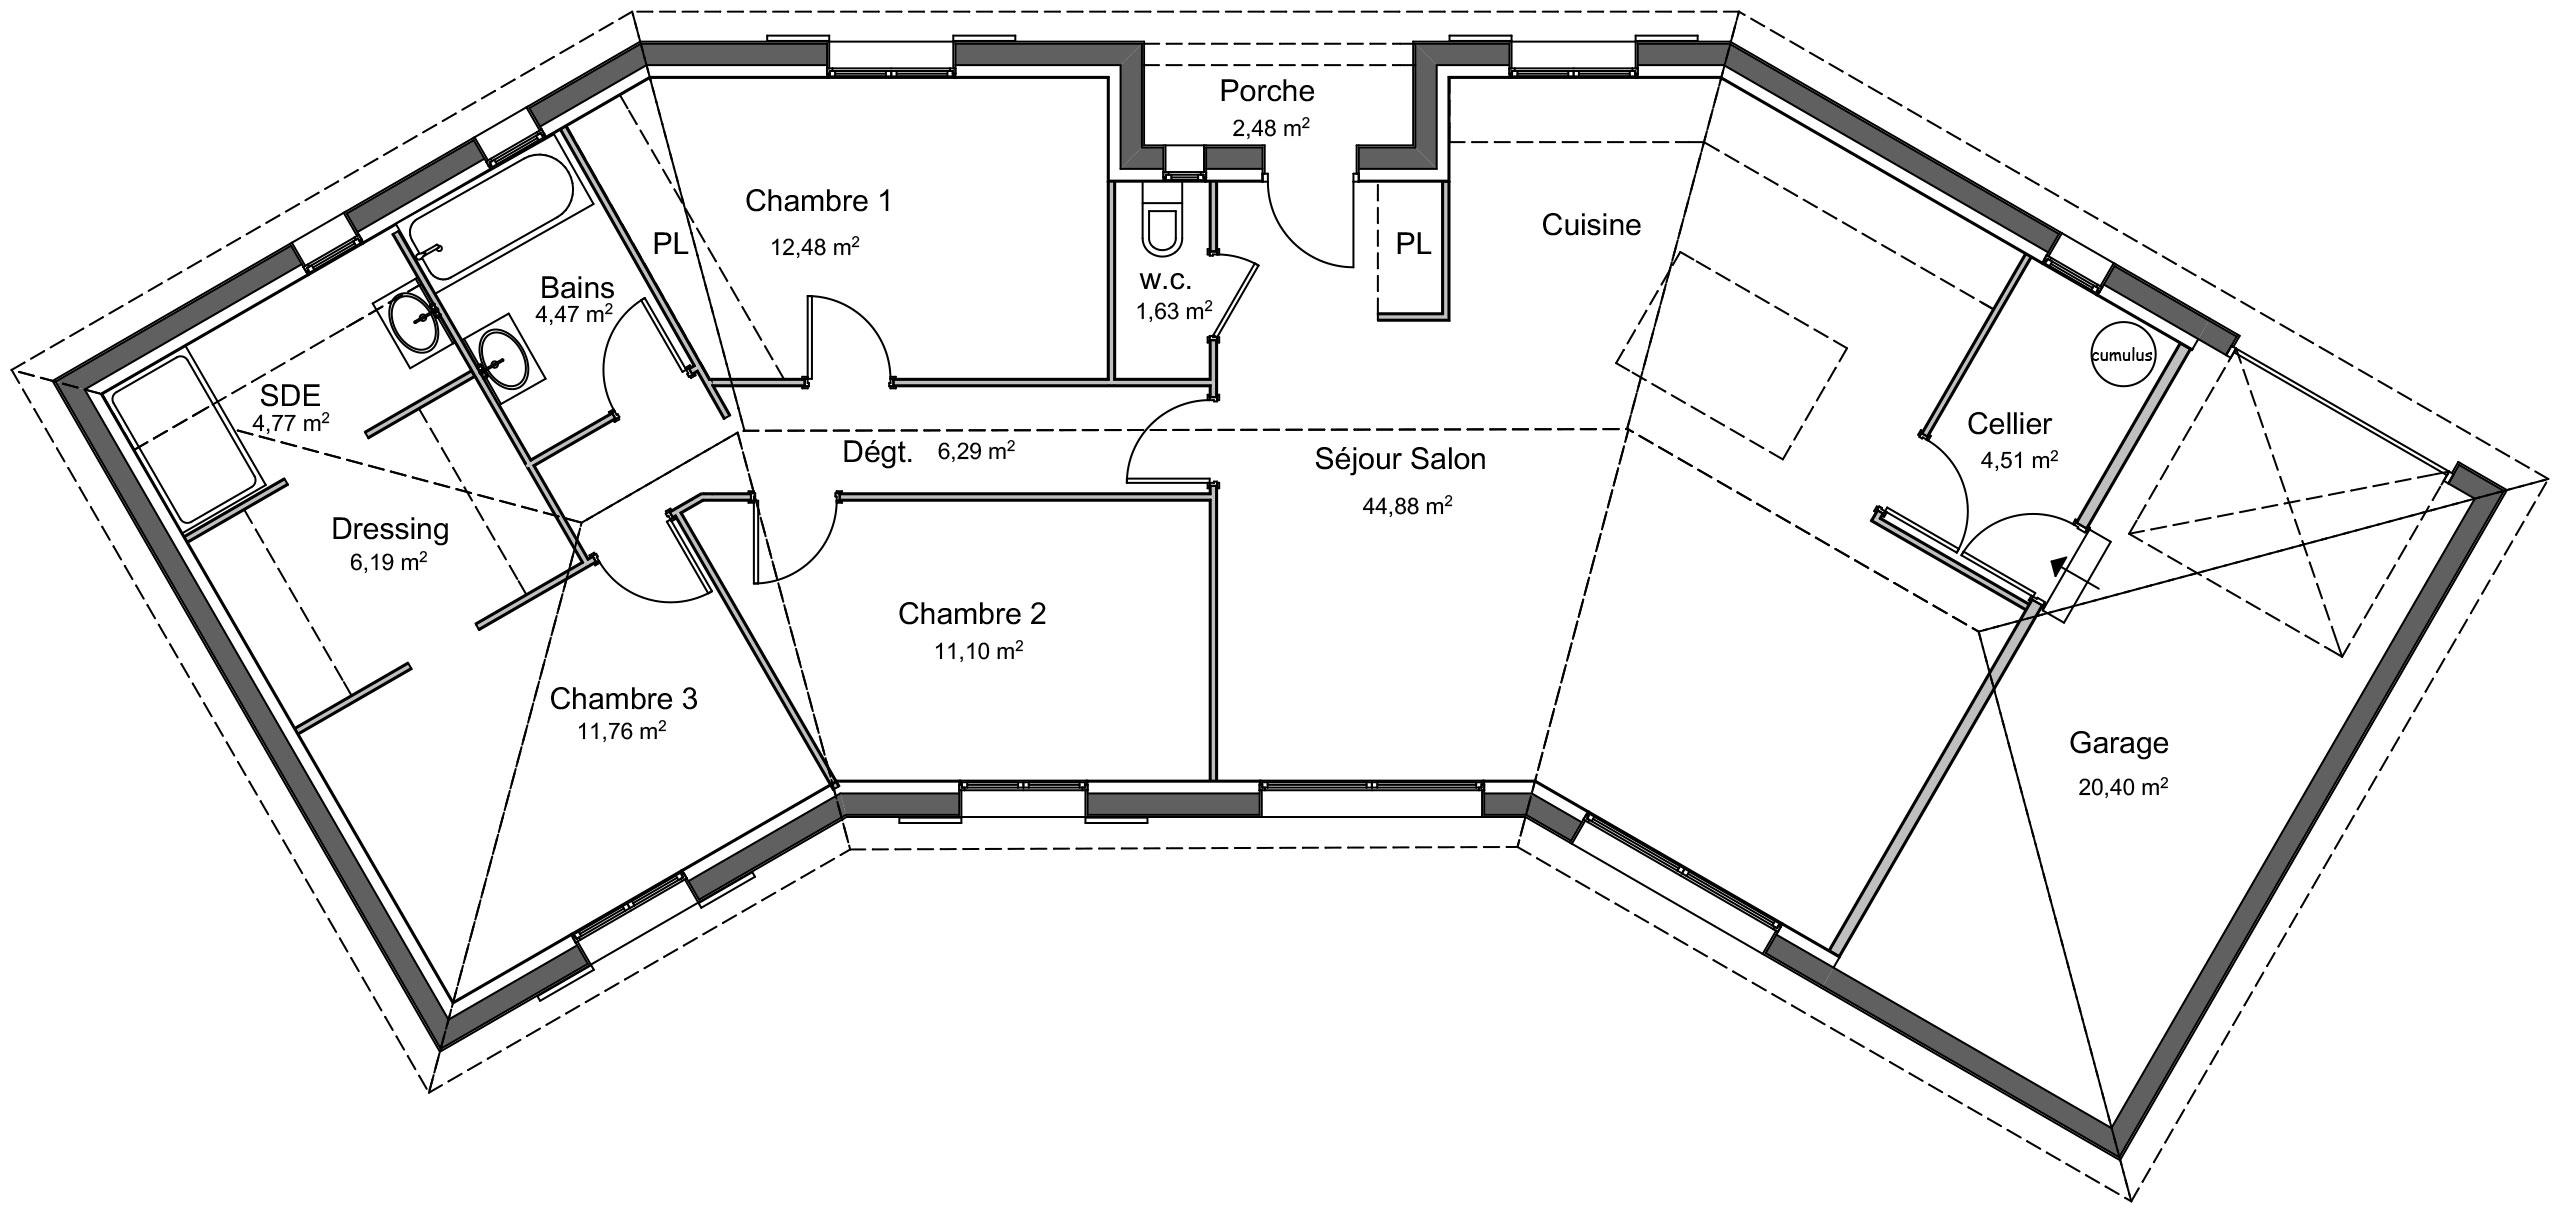 Construire Sa Maison Castelnau D Estretefonds Haute Garonne 31 Constructeur L Union 31